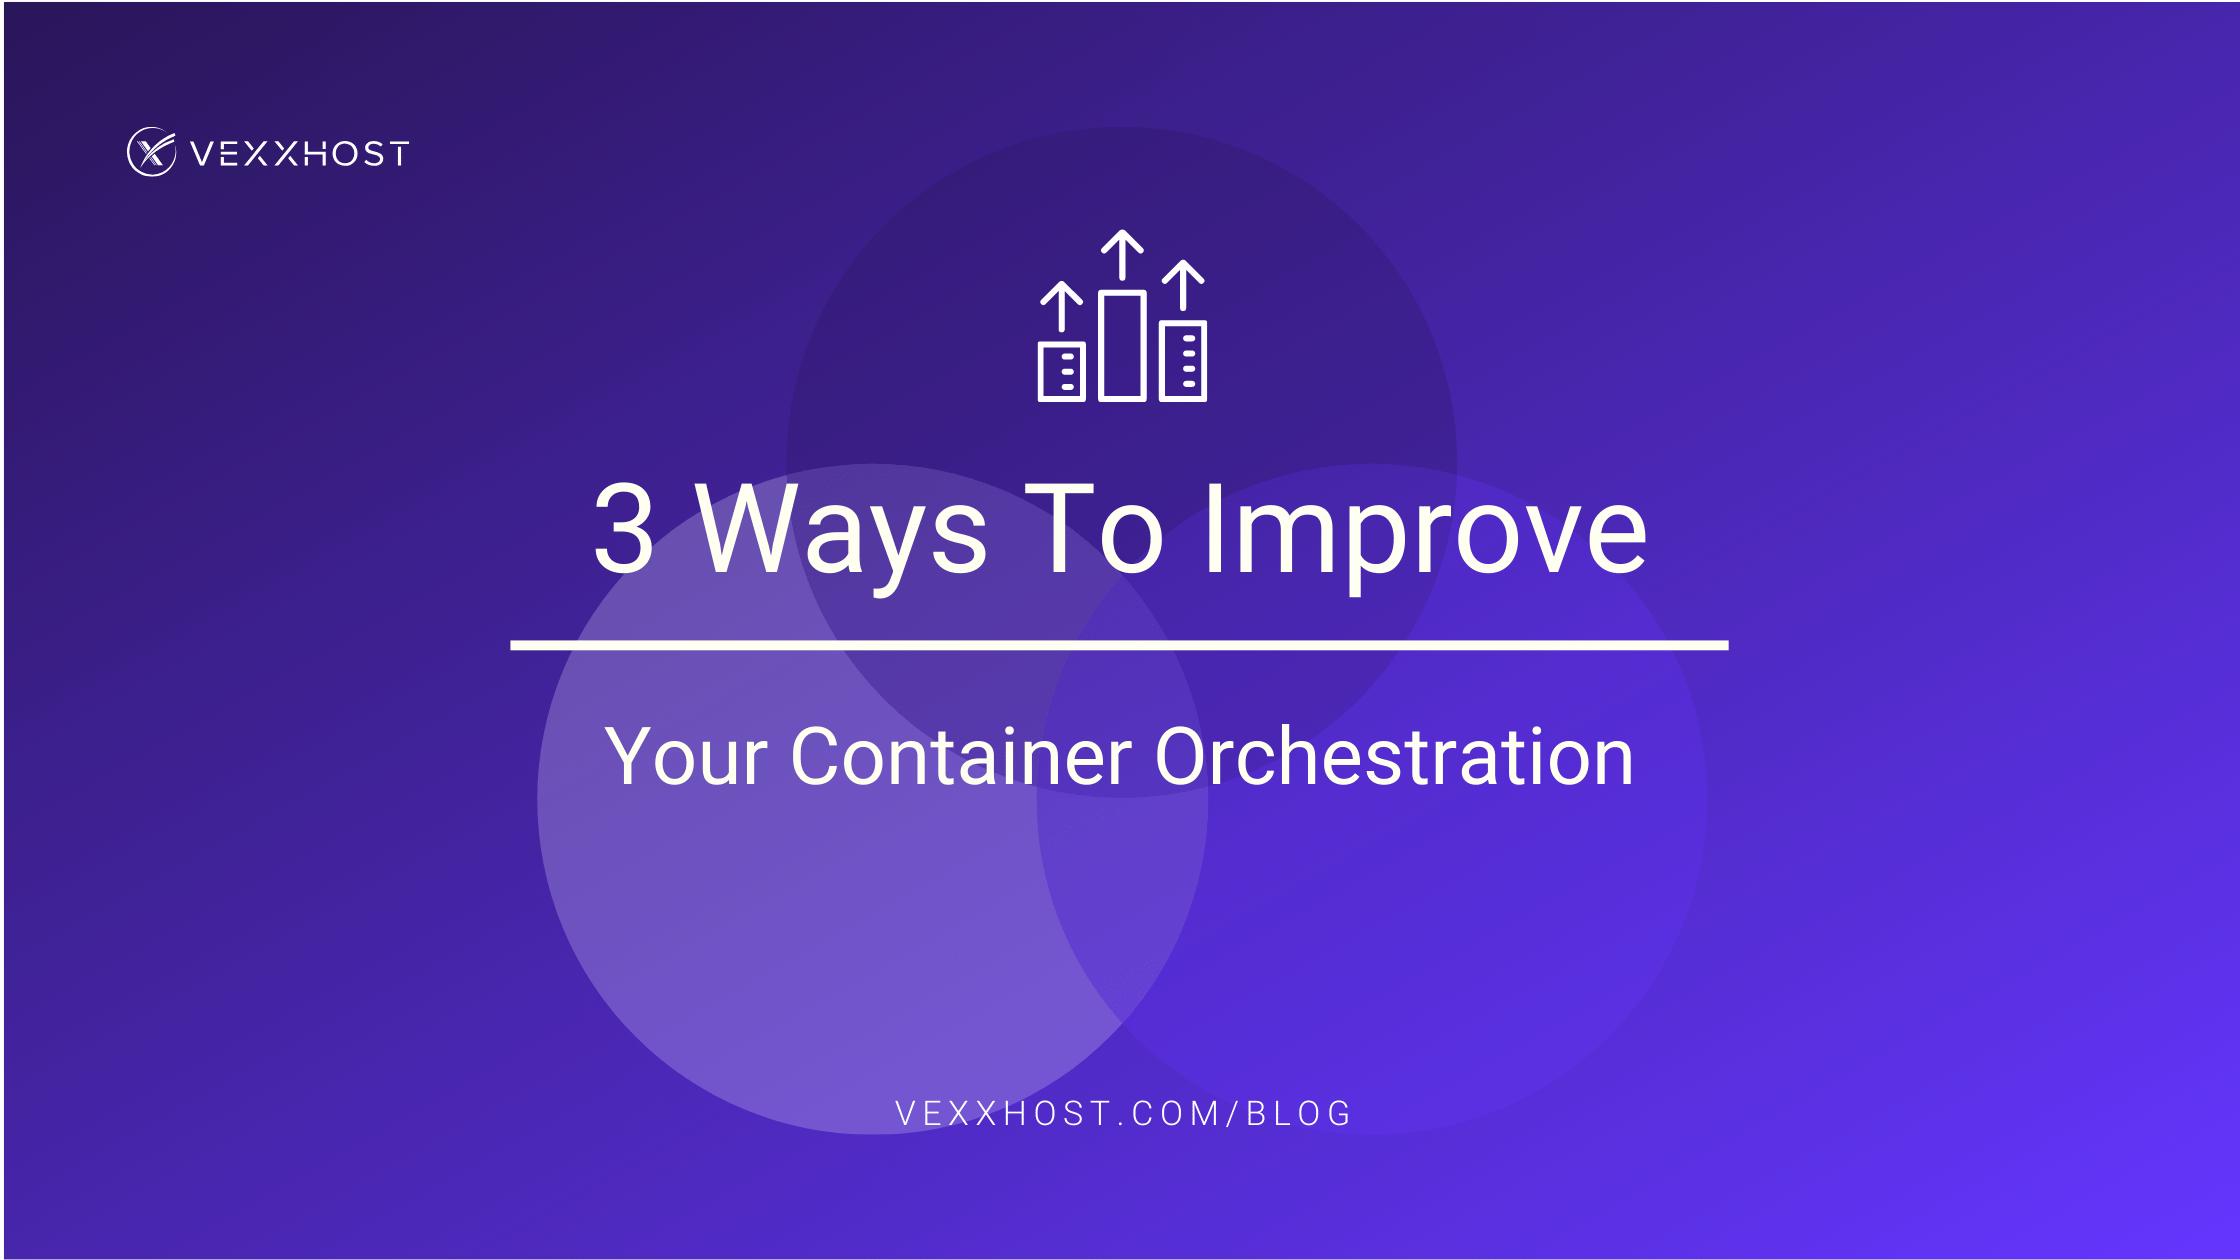 container-orchestration-vexxhost-blog-header